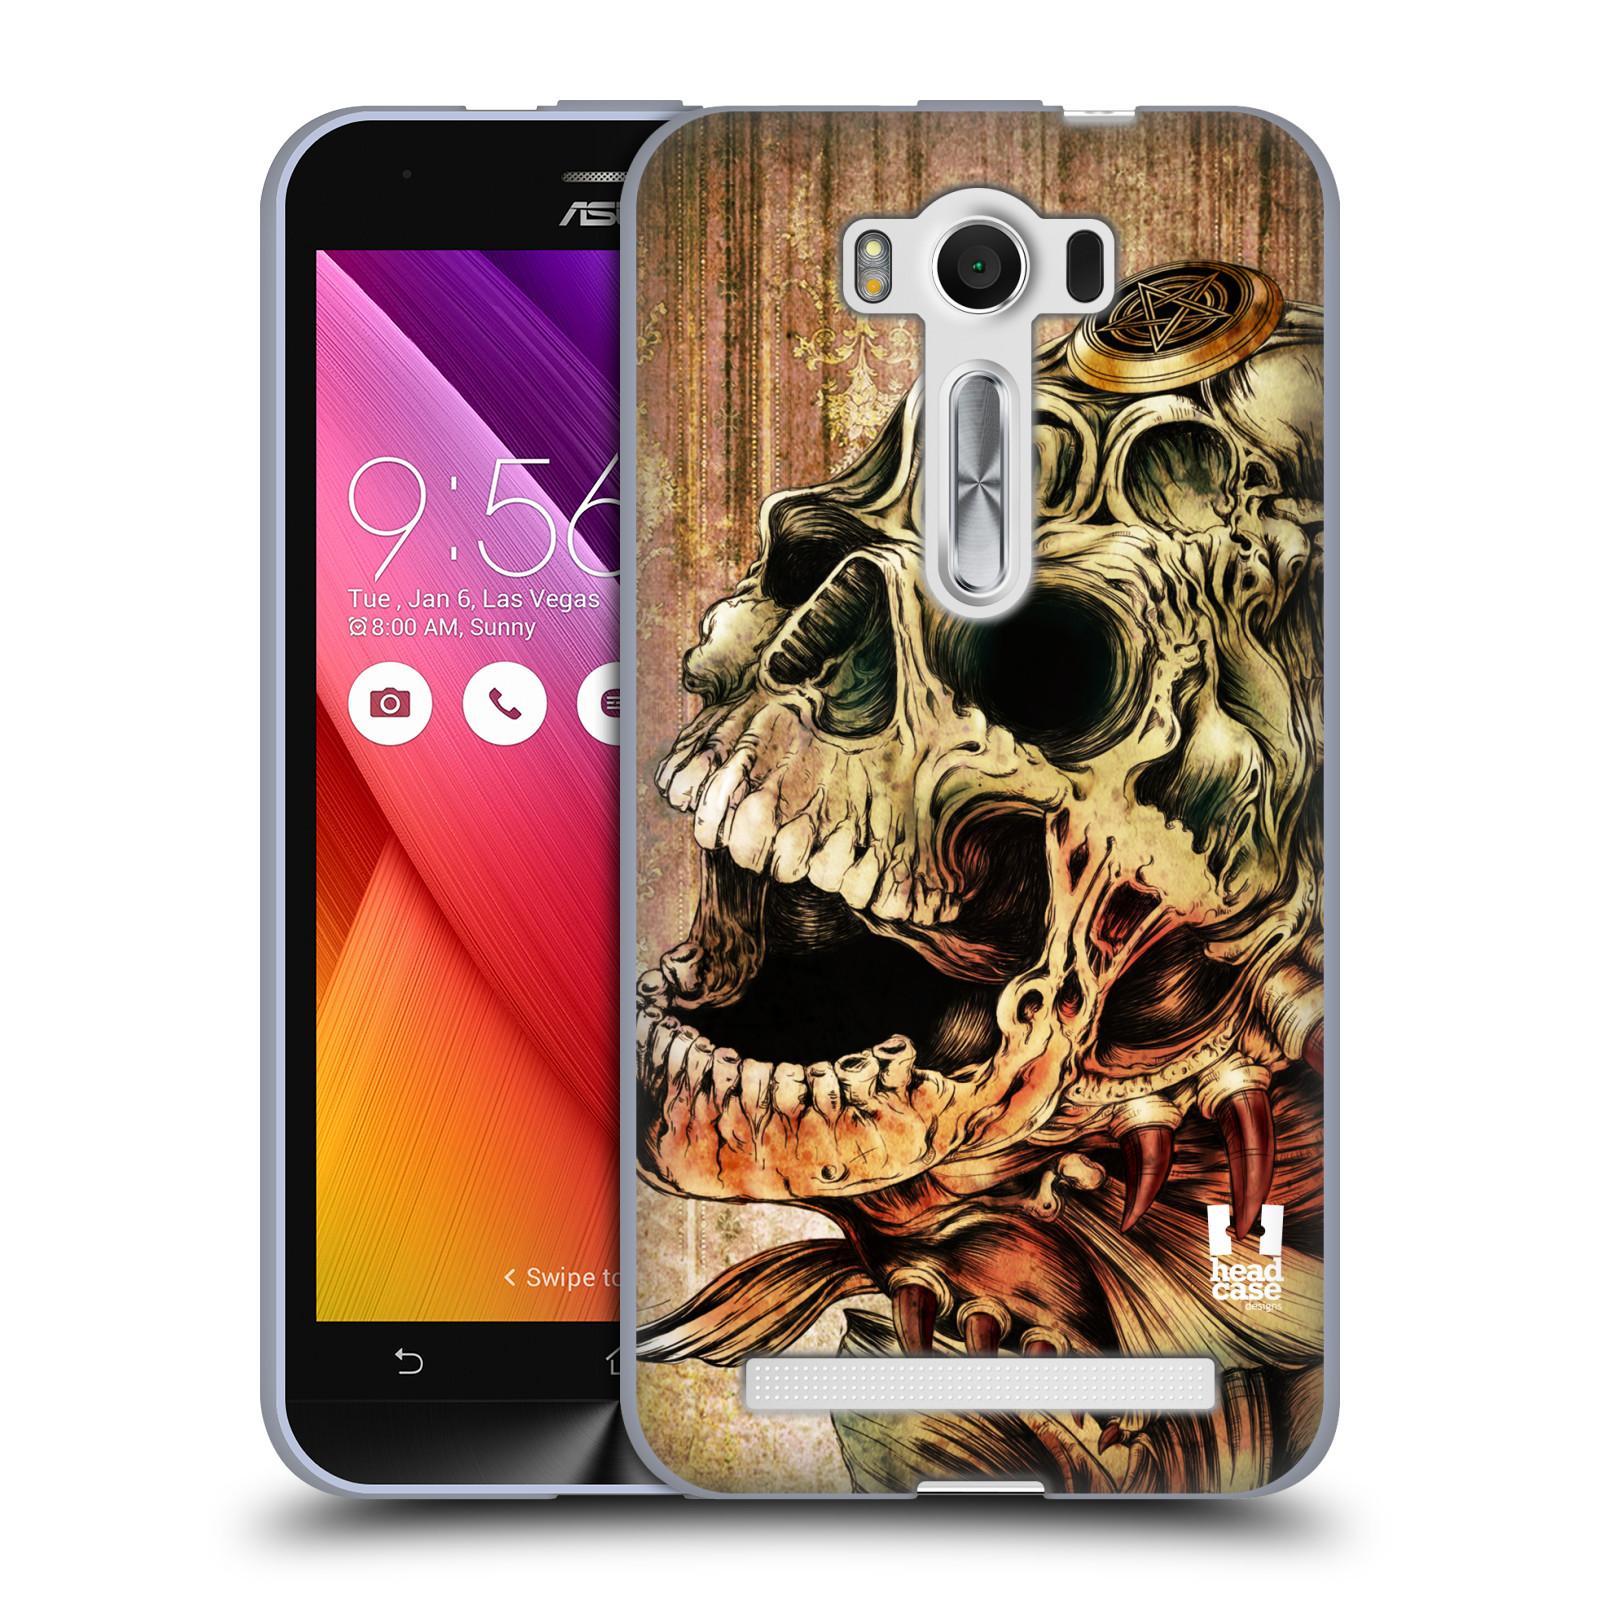 """Silikonové pouzdro na mobil Asus ZenFone 2 Laser ZE500KL HEAD CASE PIRANHA (Silikonový kryt či obal na mobilní telefon Asus ZenFone 2 Laser ZE500KL s 5"""" displejem)"""